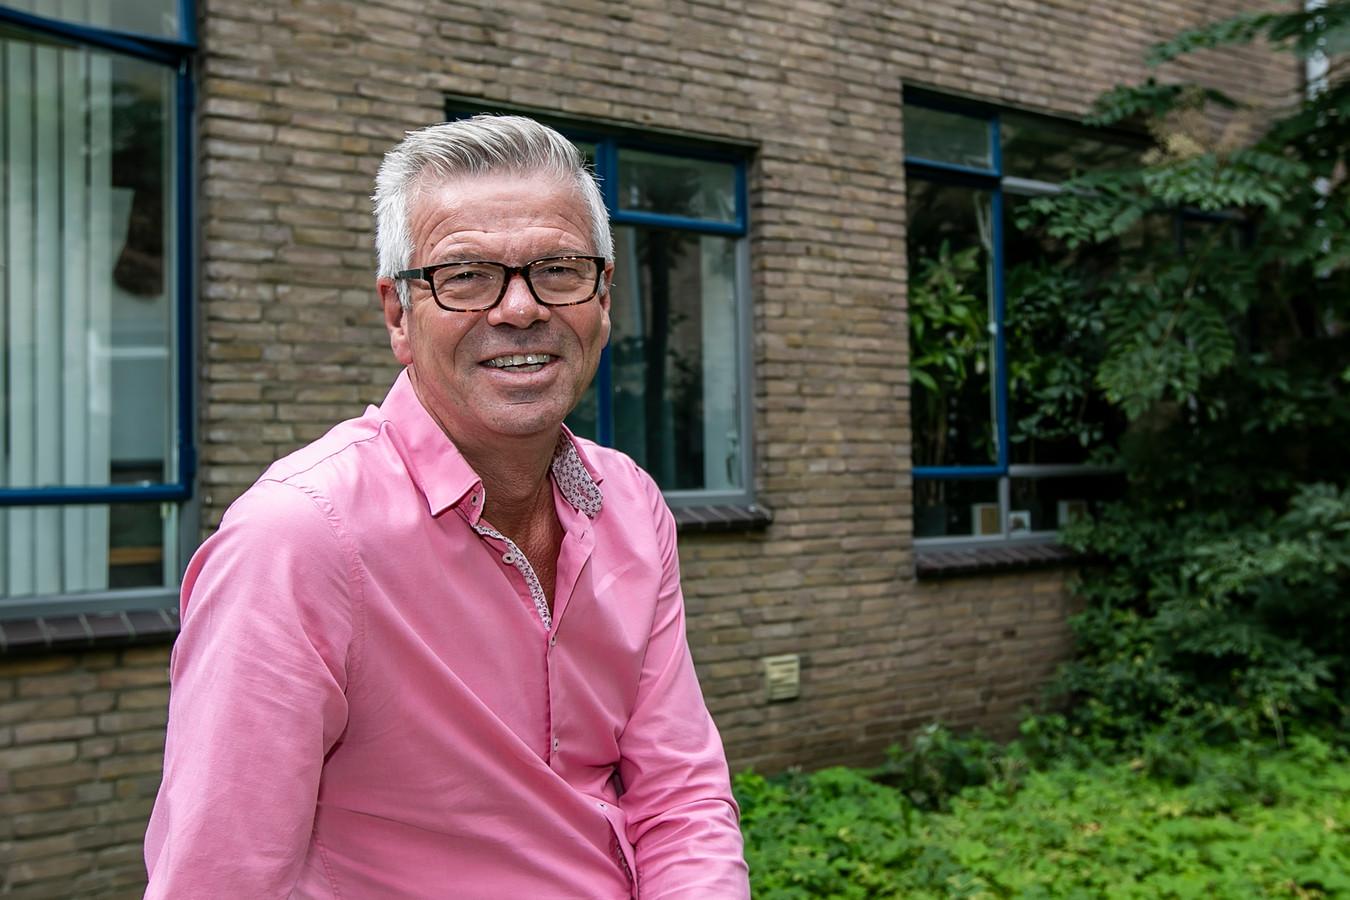 Frits Rorink, wethouder in Deventer, voor zijn appartement aan de Achter de Muren Zandpoort. Zijn doordeweekse woning. In het weekend gaat hij naar huis. Naar Oldenzaal.